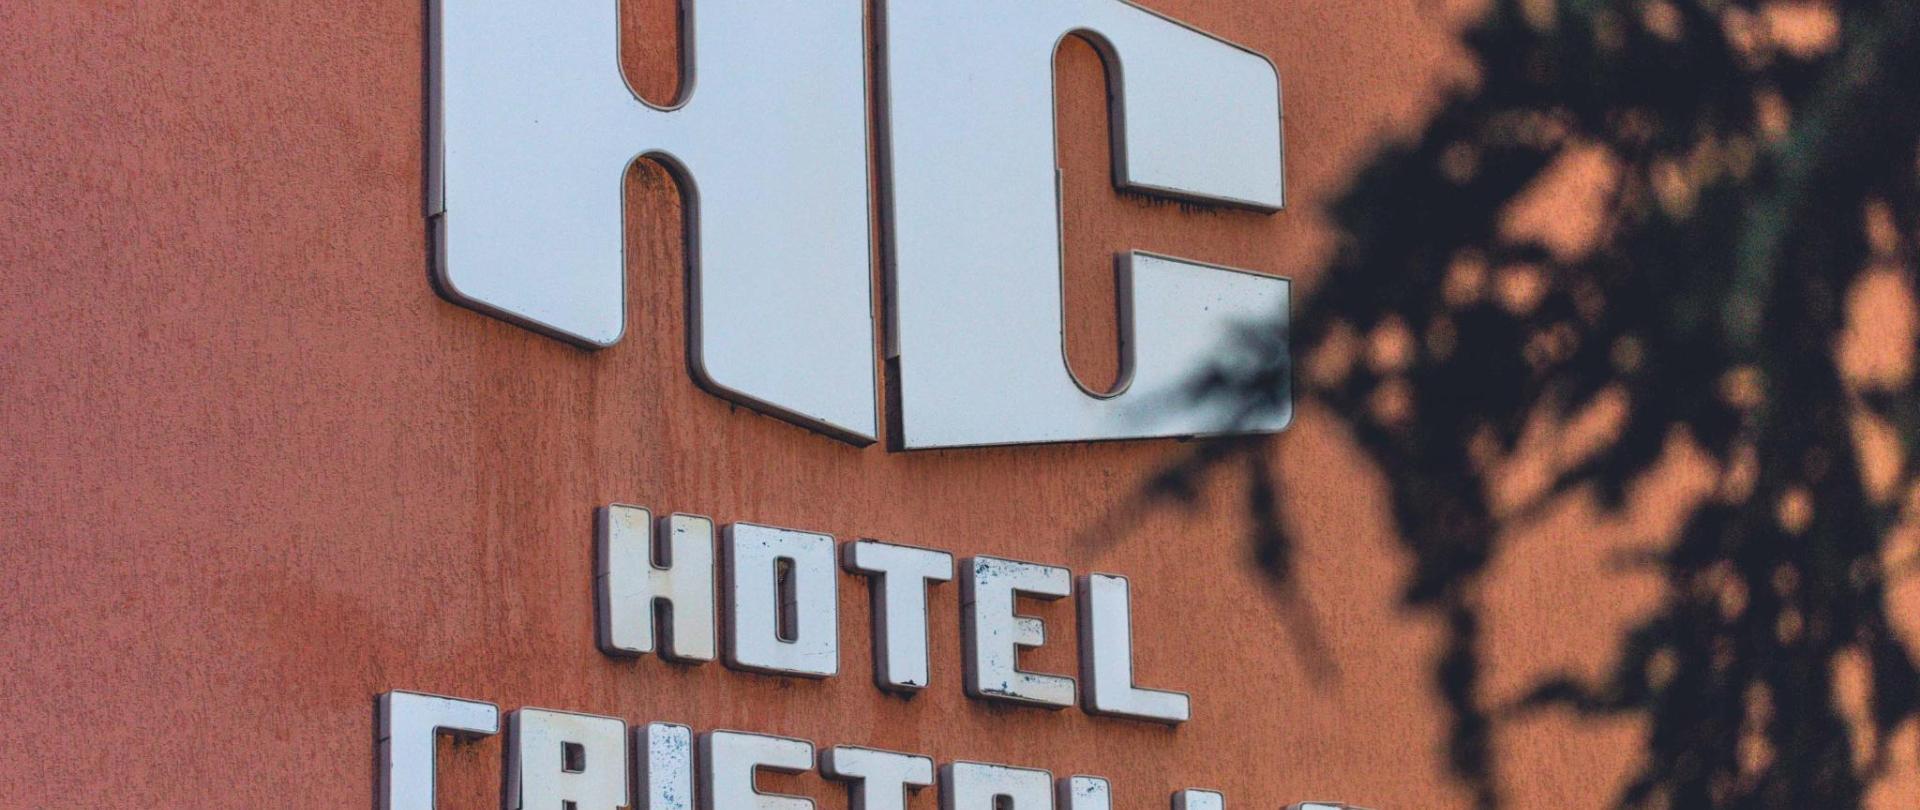 hotel-reggio-emilia-102.jpg